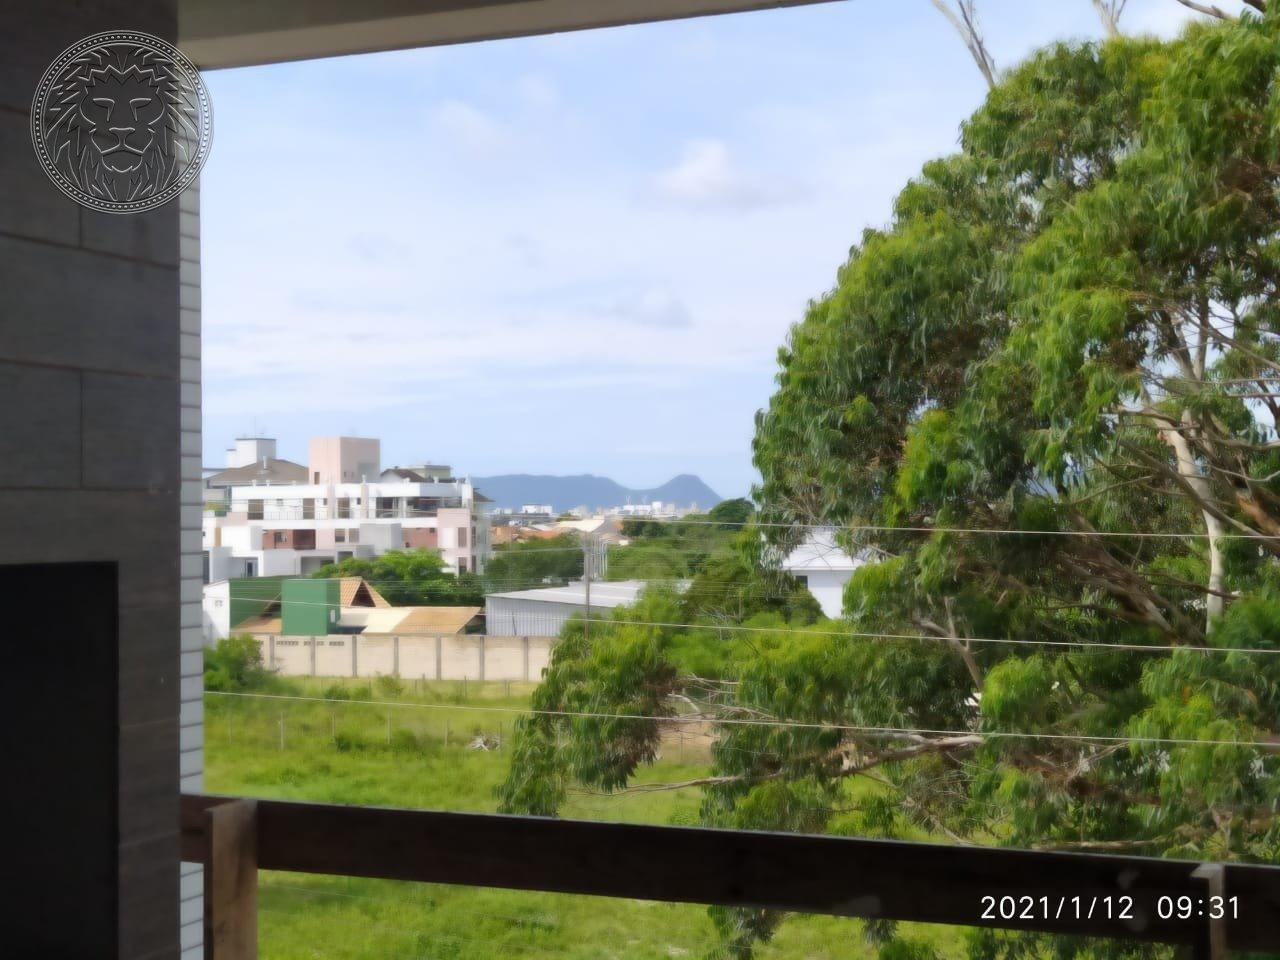 Apartamento com 2 dormitórios à venda em Florianópolis, no bairro Rio Tavares